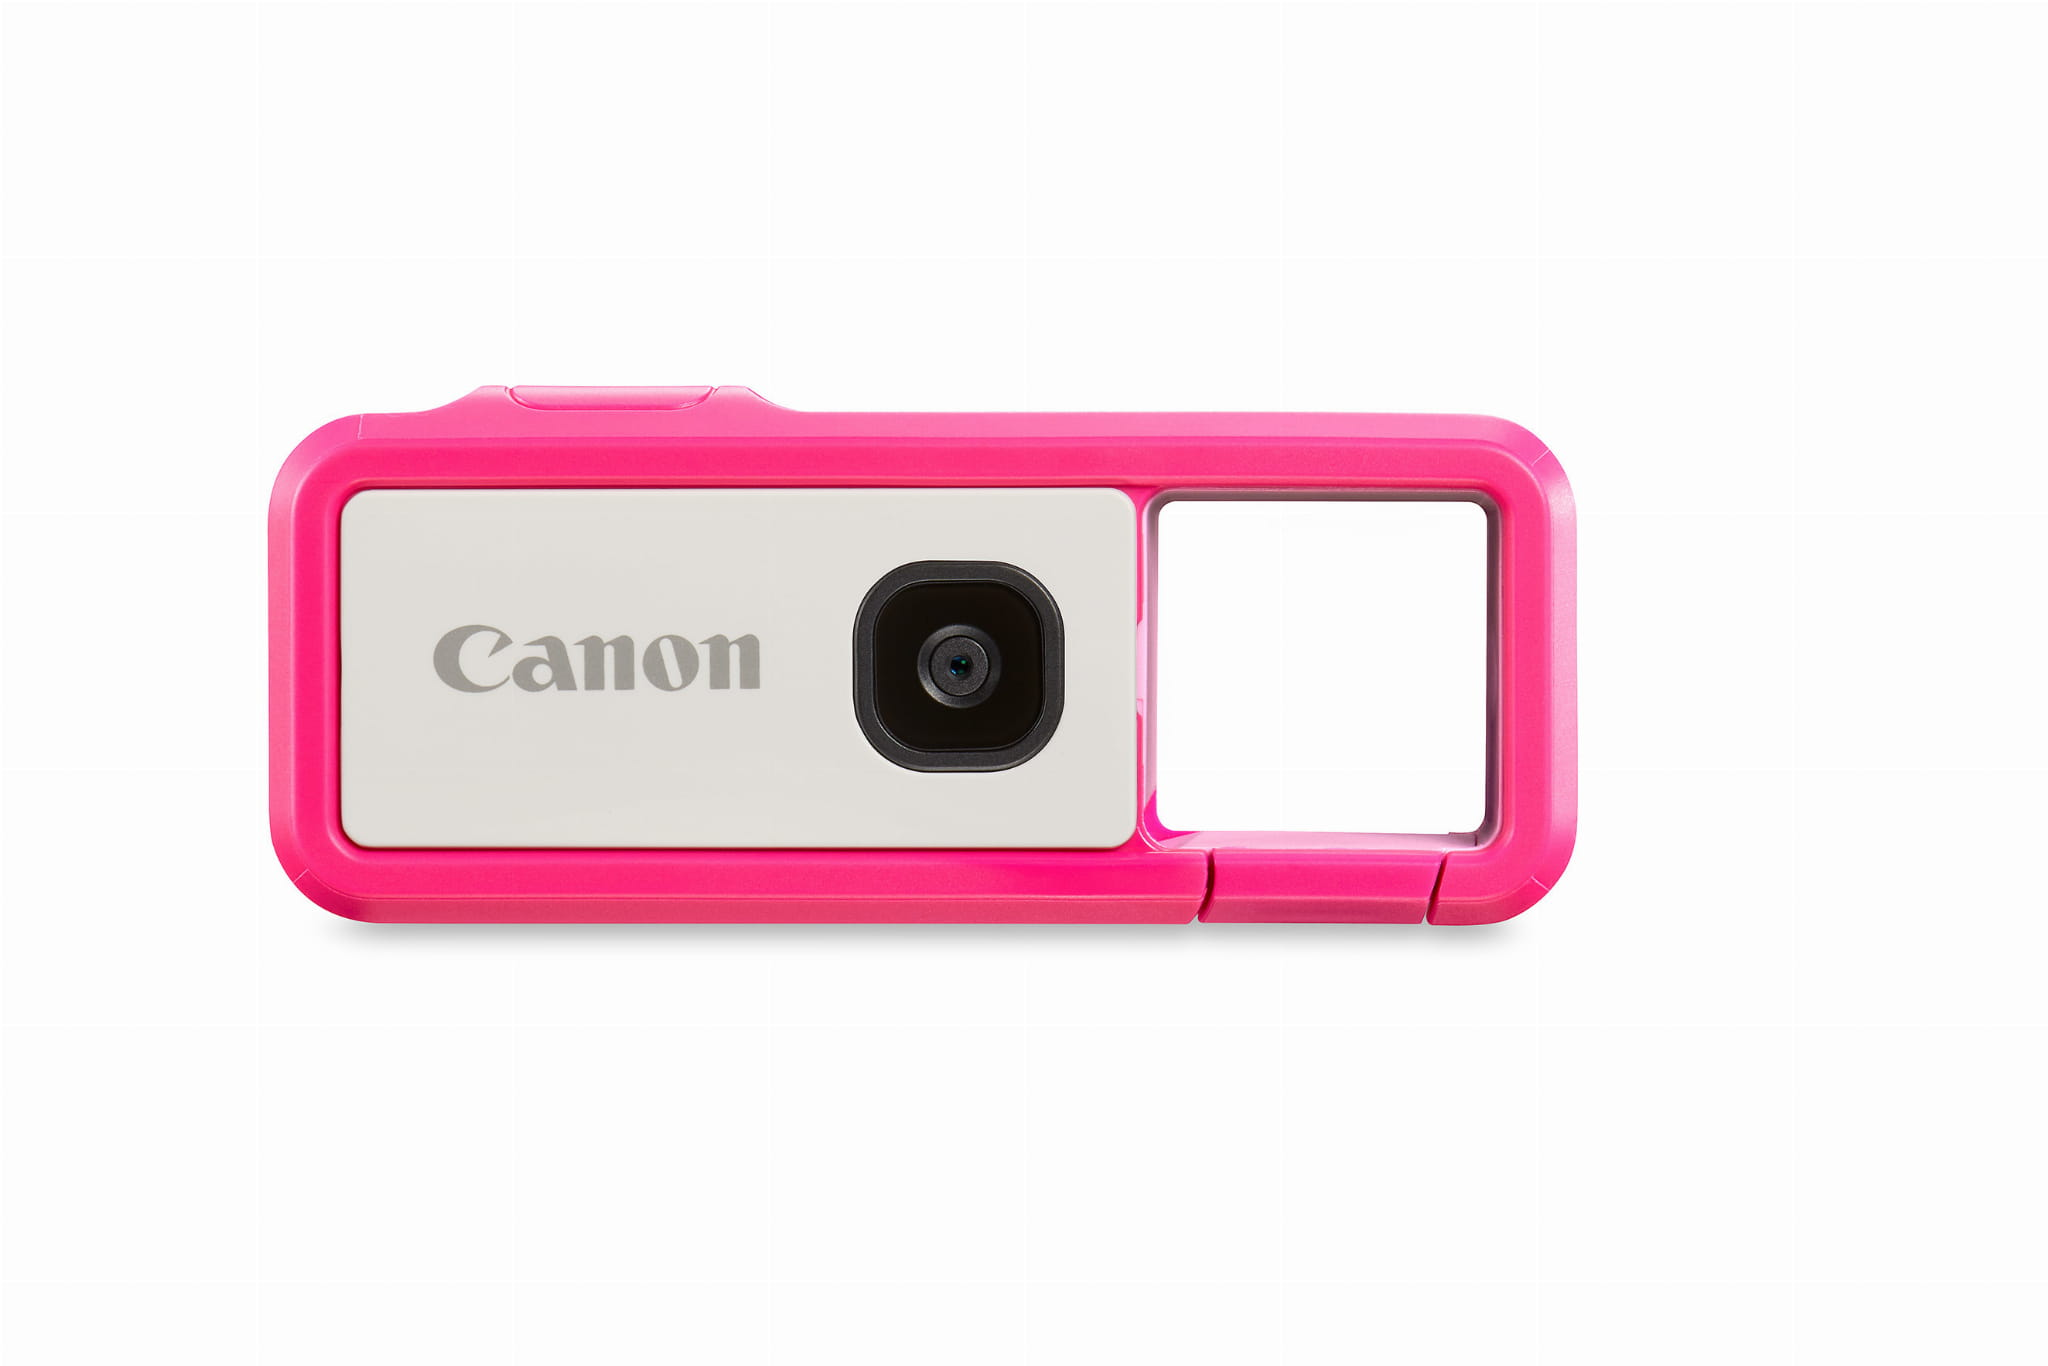 Aparat i kamera sportowa - Canon IVY REC - różowy